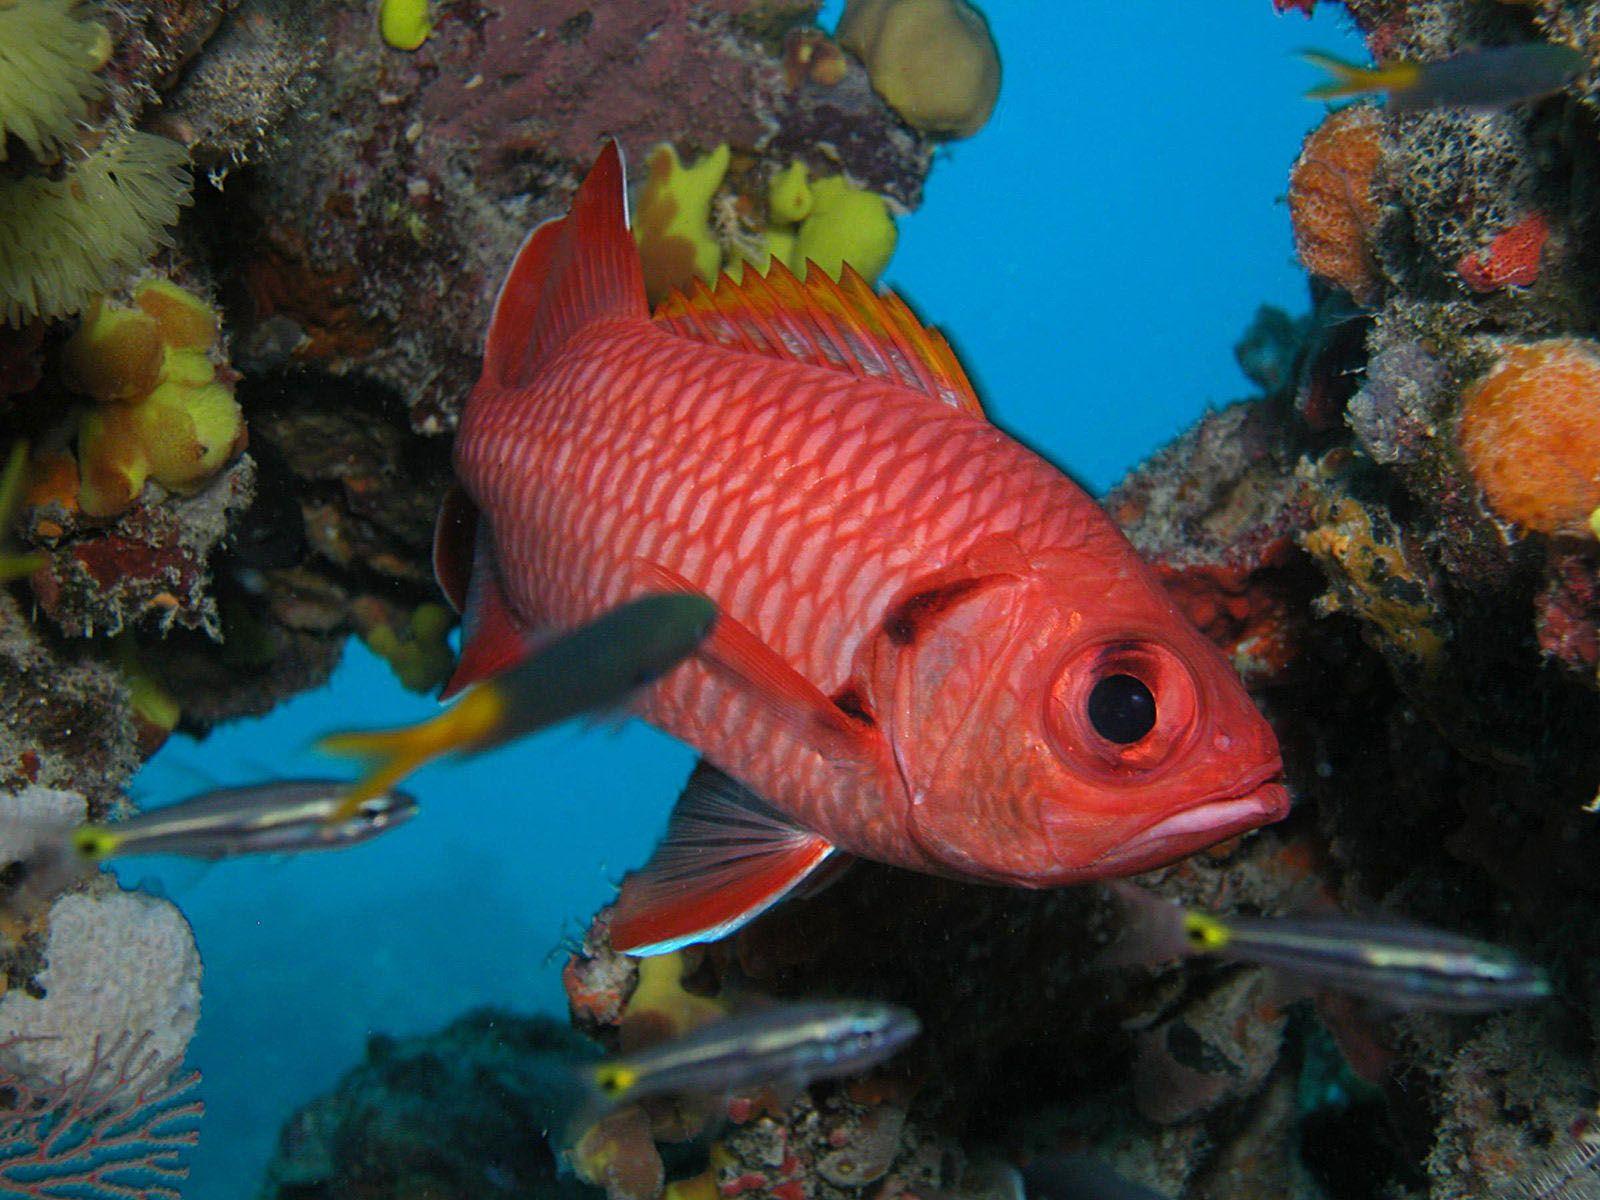 съедобные морские рыбы картинки очень сильно